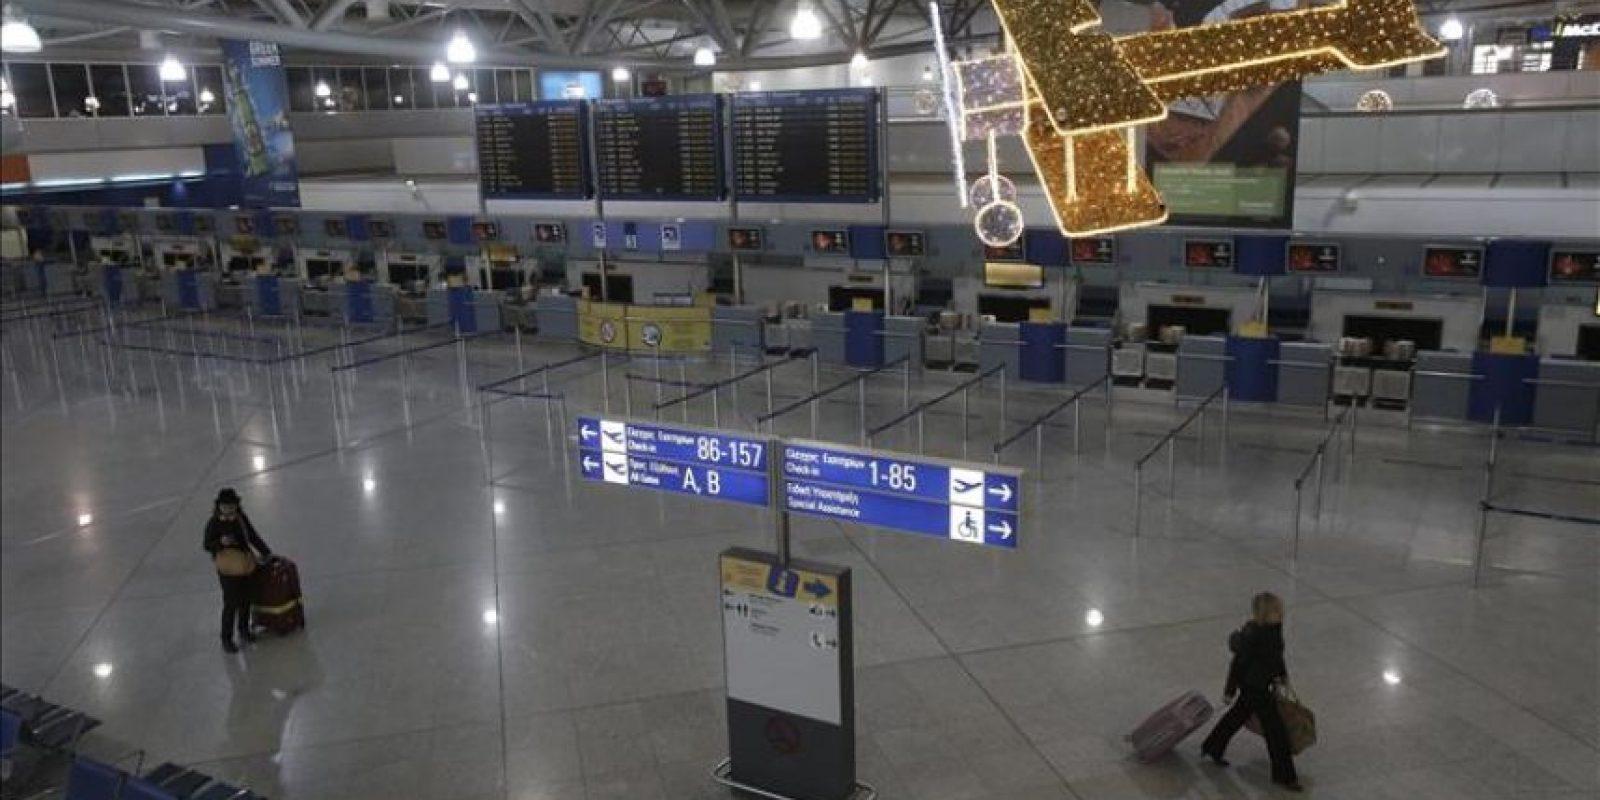 Dos viajeros atraviesan el vestíbulo vacío del aeropuerto Eleftherios Venizelos, que se ha sumado a la huelga general de 24 horas en Atenas (Grecia), hoy, jueves 27 de noviembre de 2014. EFE